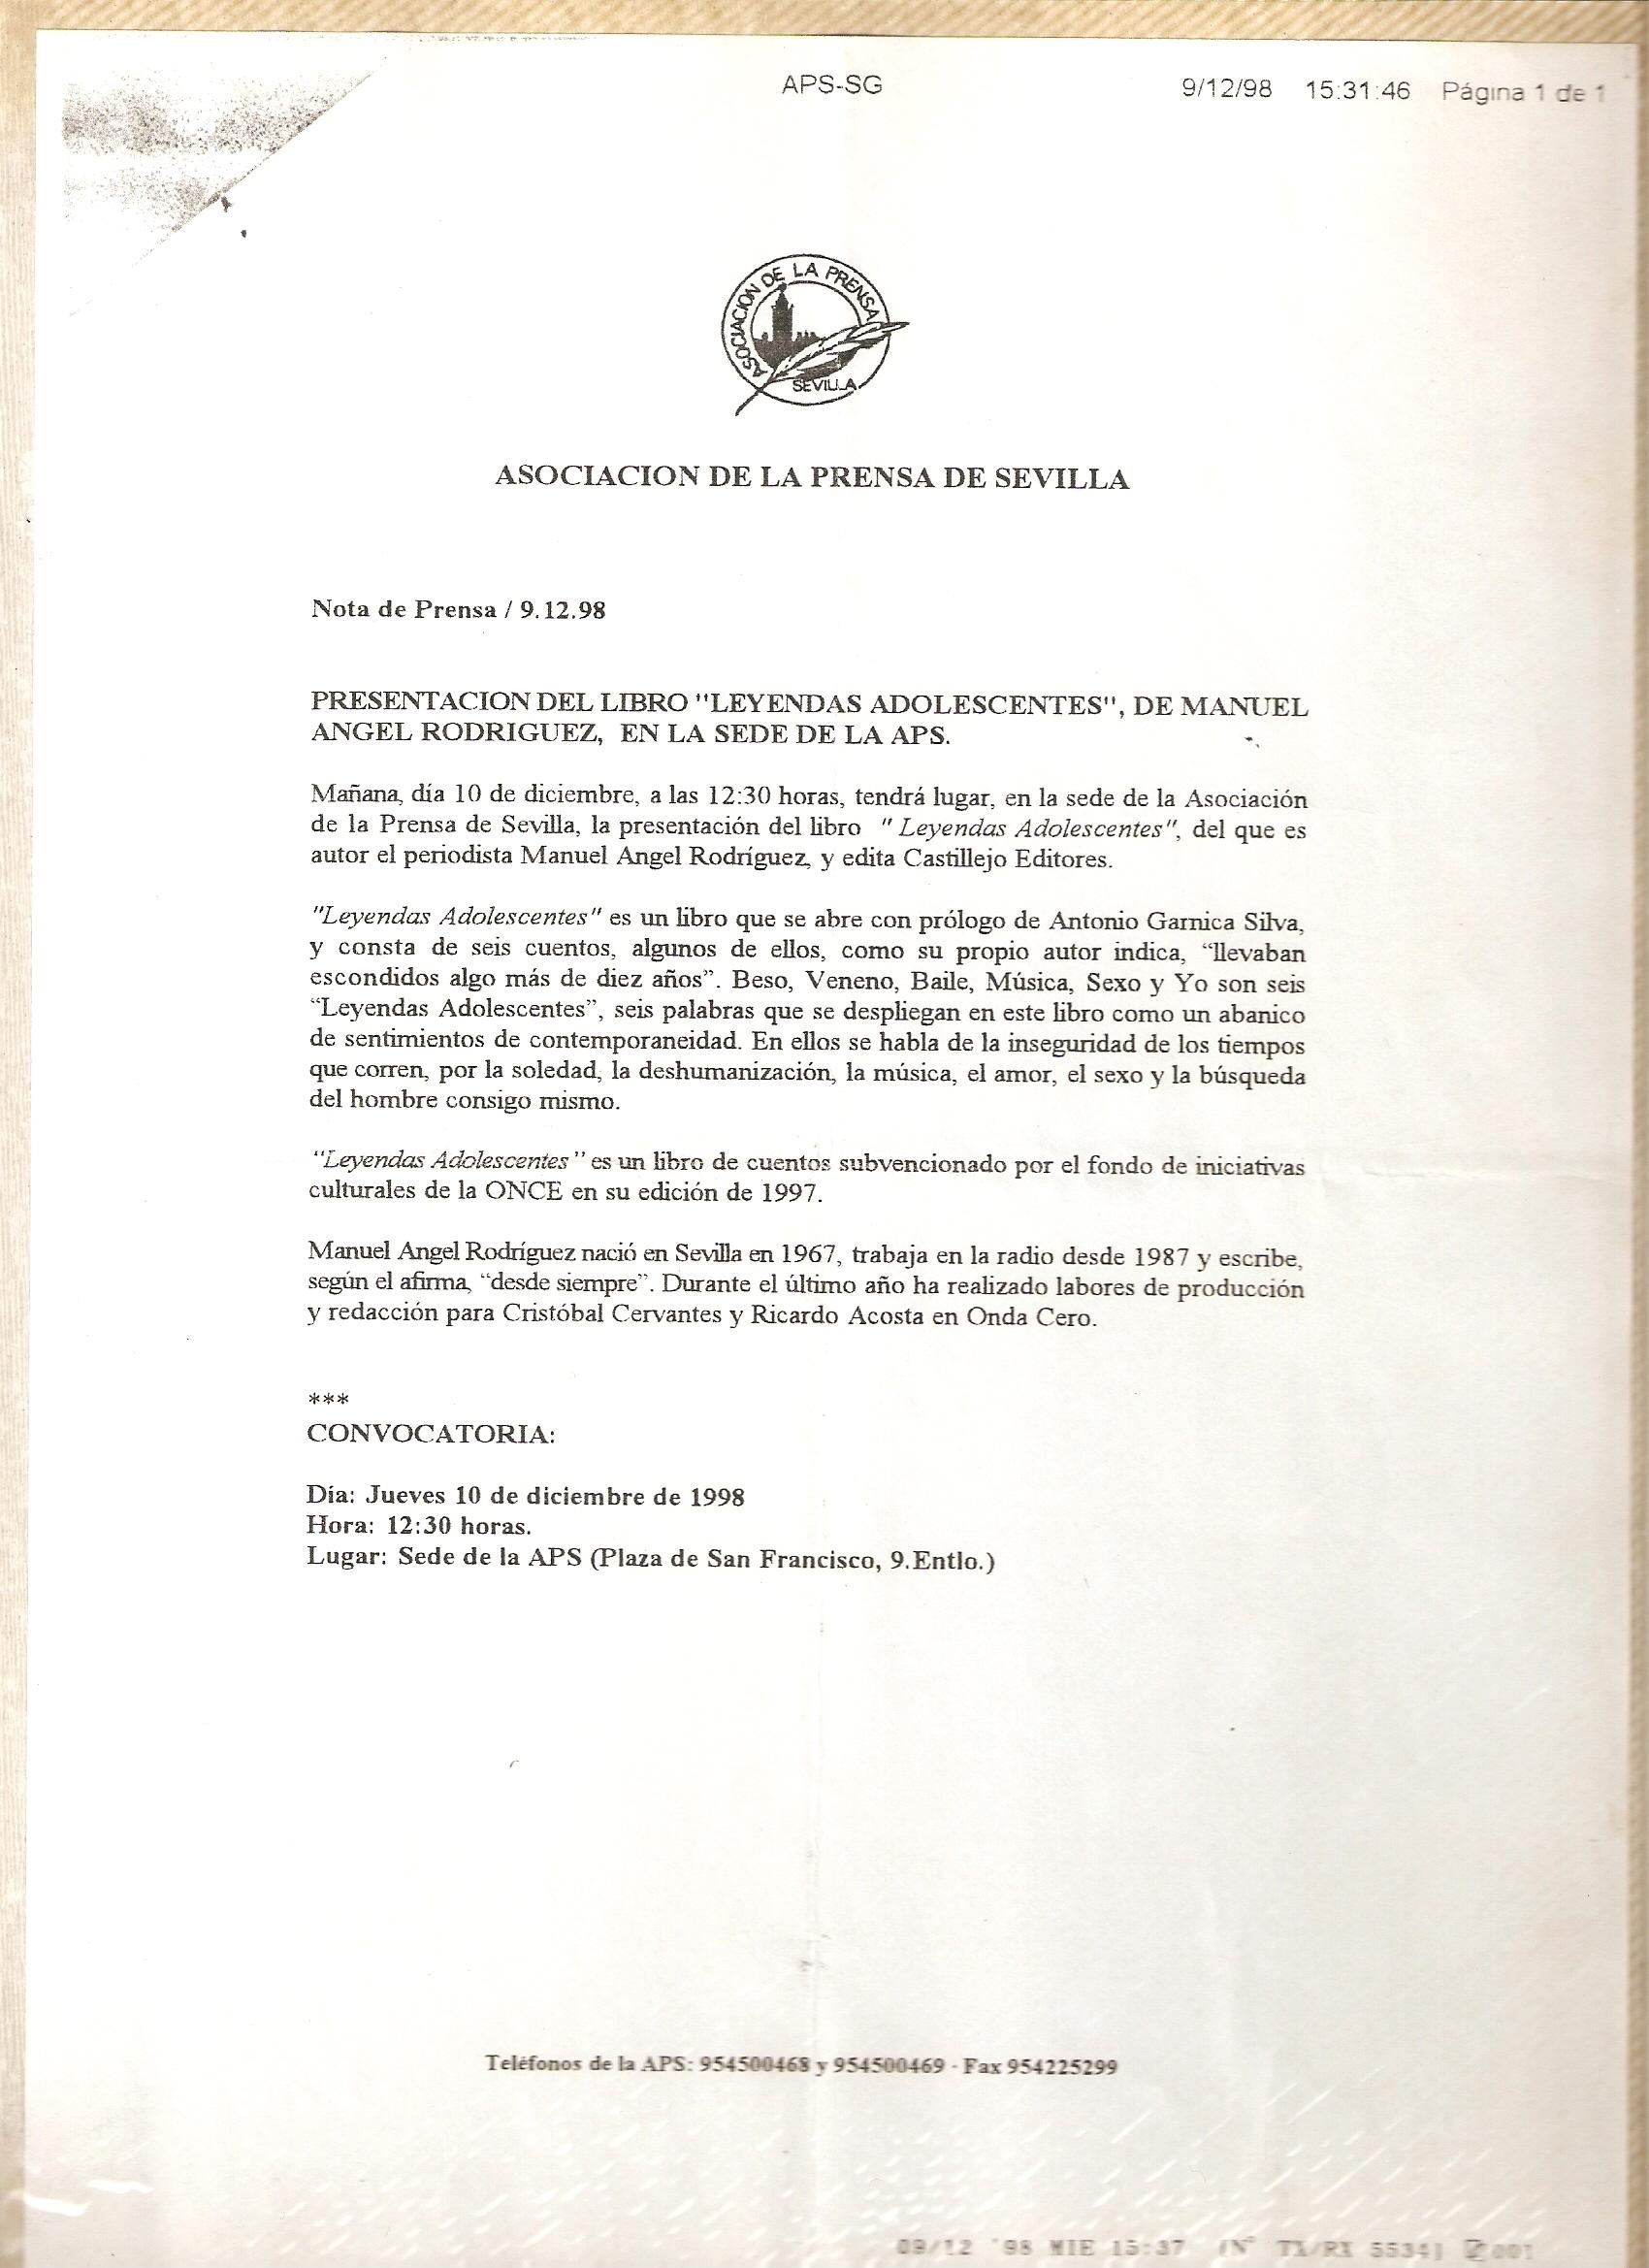 Asociación de la Prensa de Sevilla - nota de prensa 9/12/1998